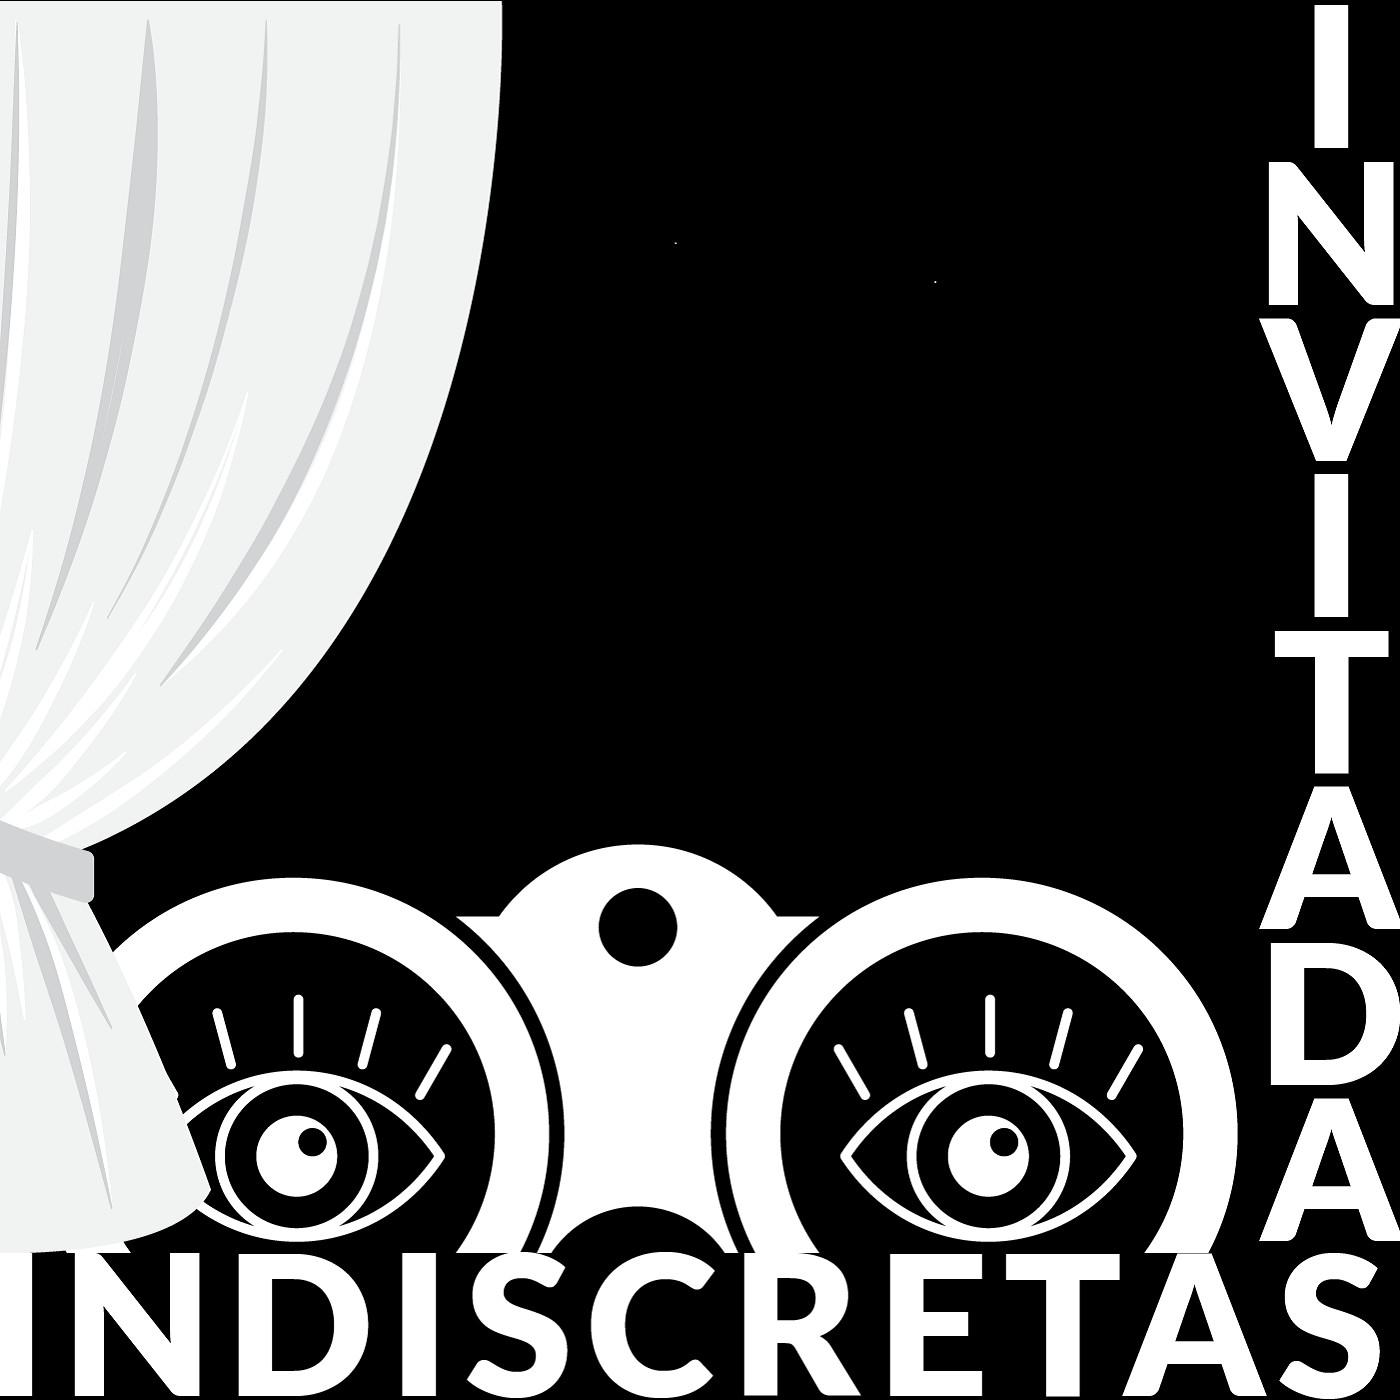 Invitadas indiscretas